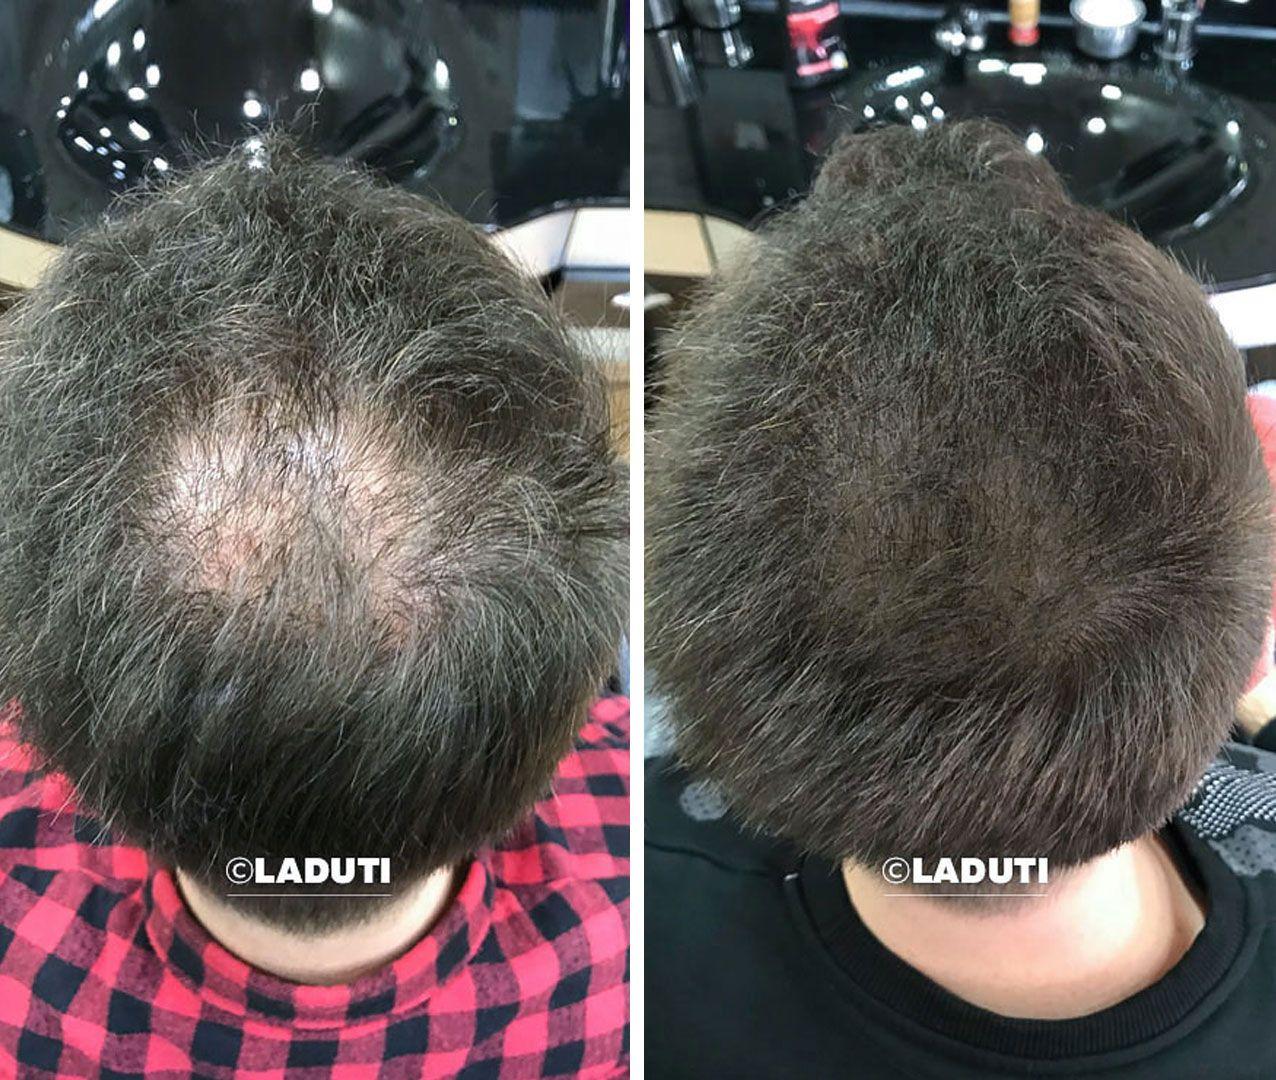 Haarwuchsmittel Laduti Mittel Gegen Haarausfall Haarausfall Haare